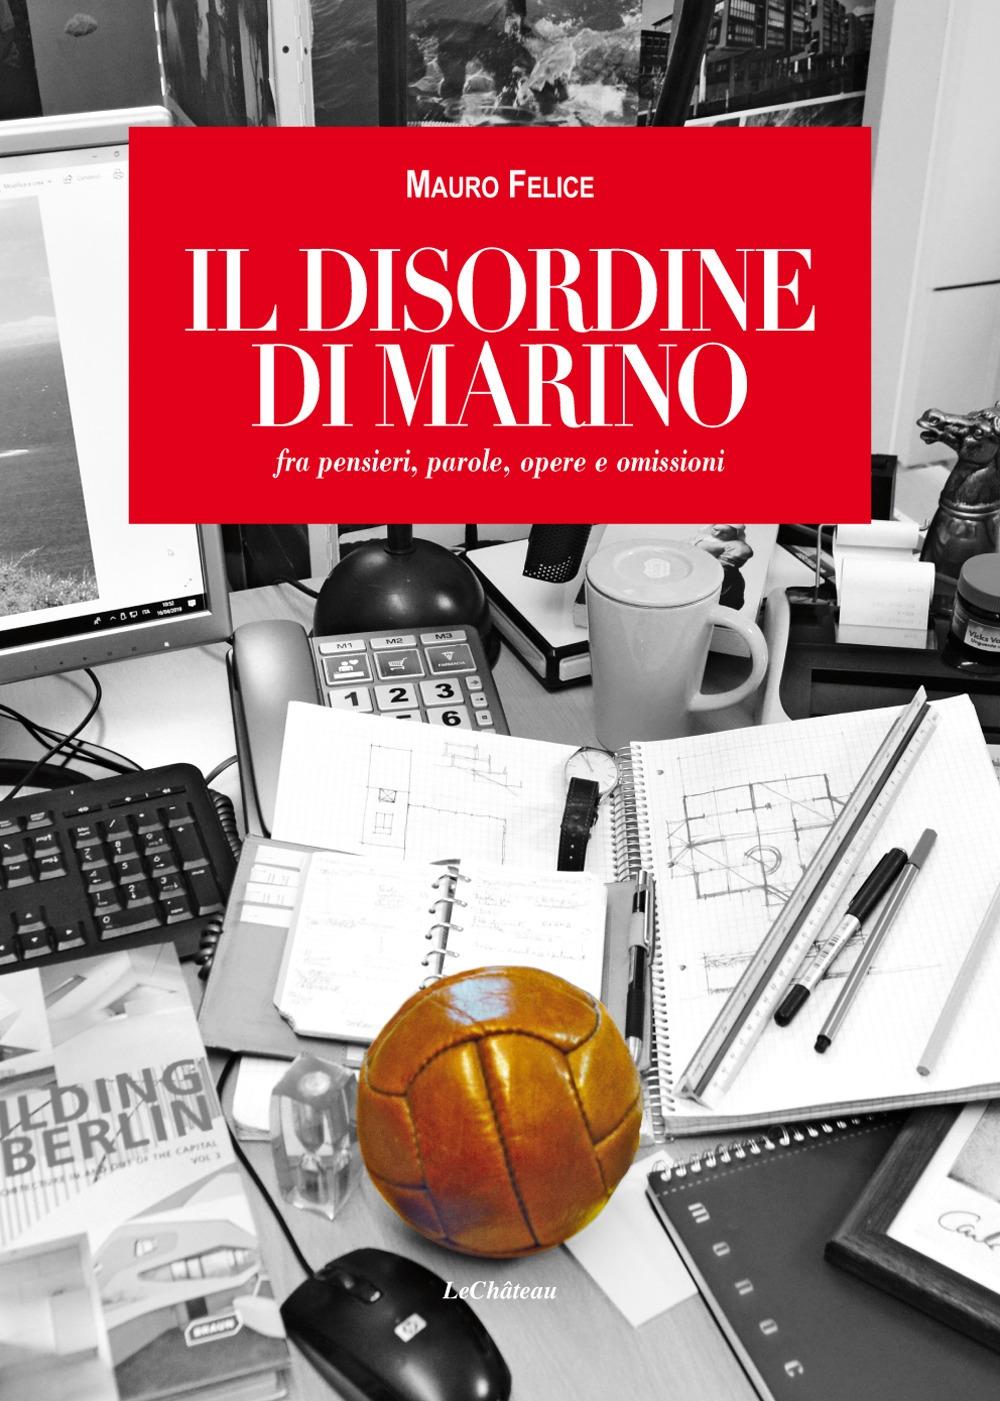 Il disordine di Marino. fra pensieri, parole, opere e omissioni